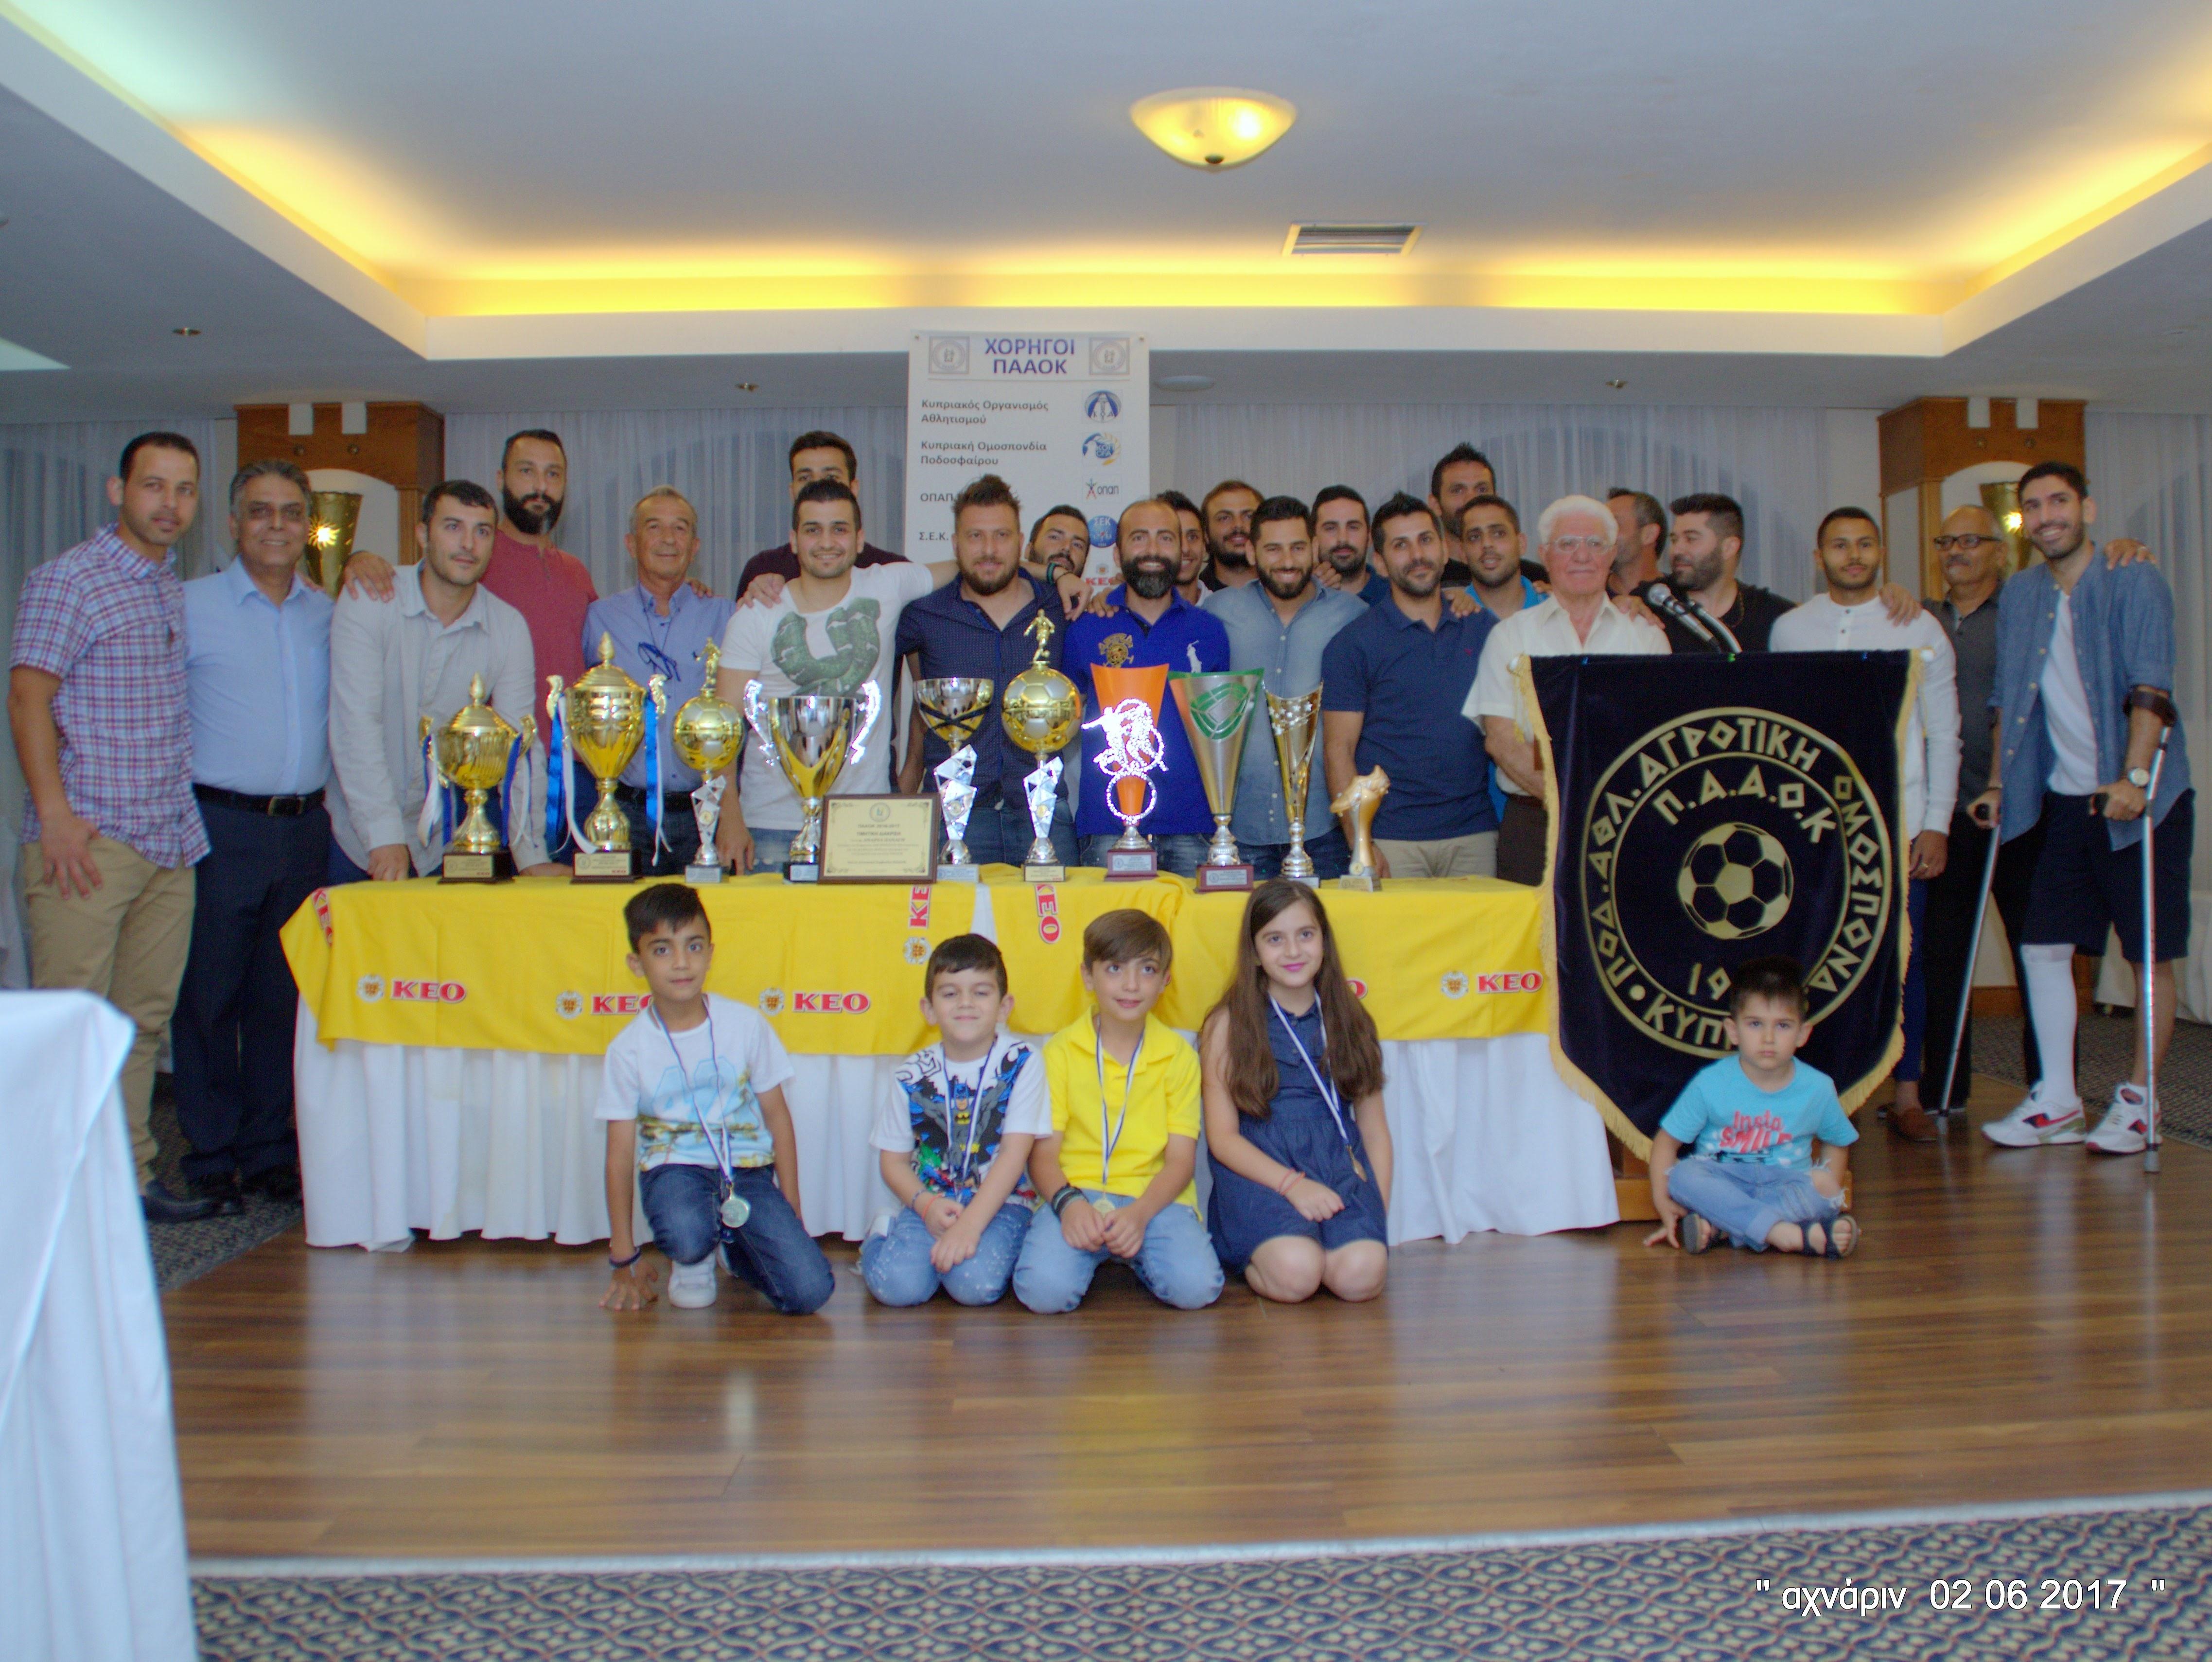 Τελετή Βραβεύσεων Πρωταθλημάτων ΠΑΑΟΚ 2016 – 2017